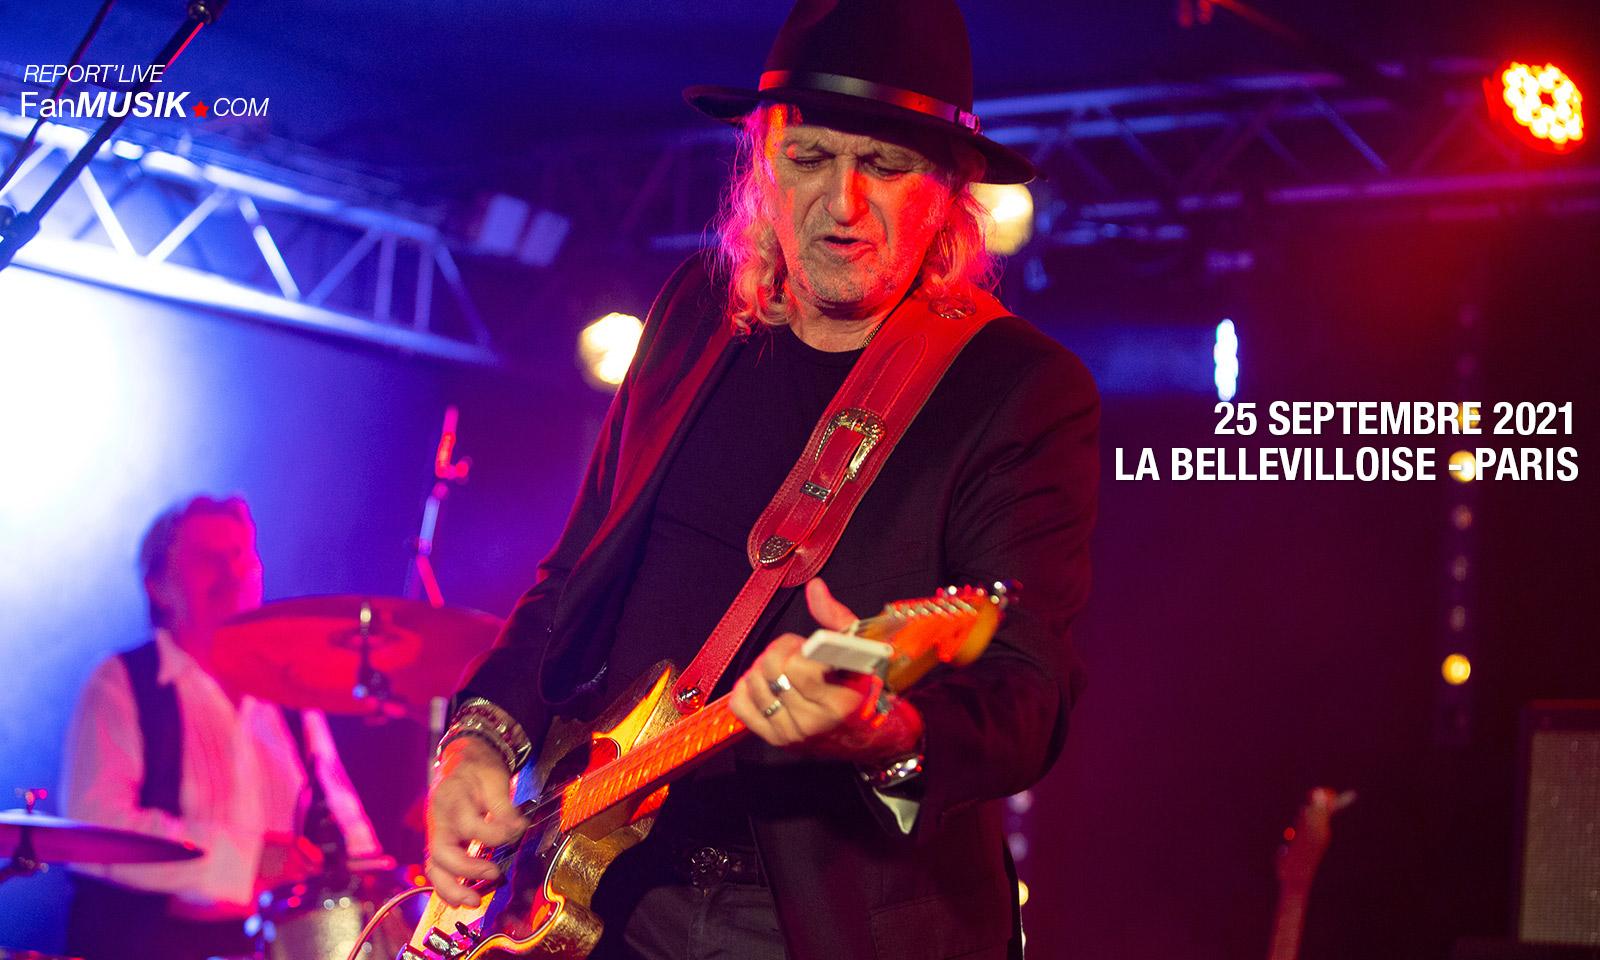 Patrick Coutin, 25 septembre 2021 à La Bellevilloise, Paris